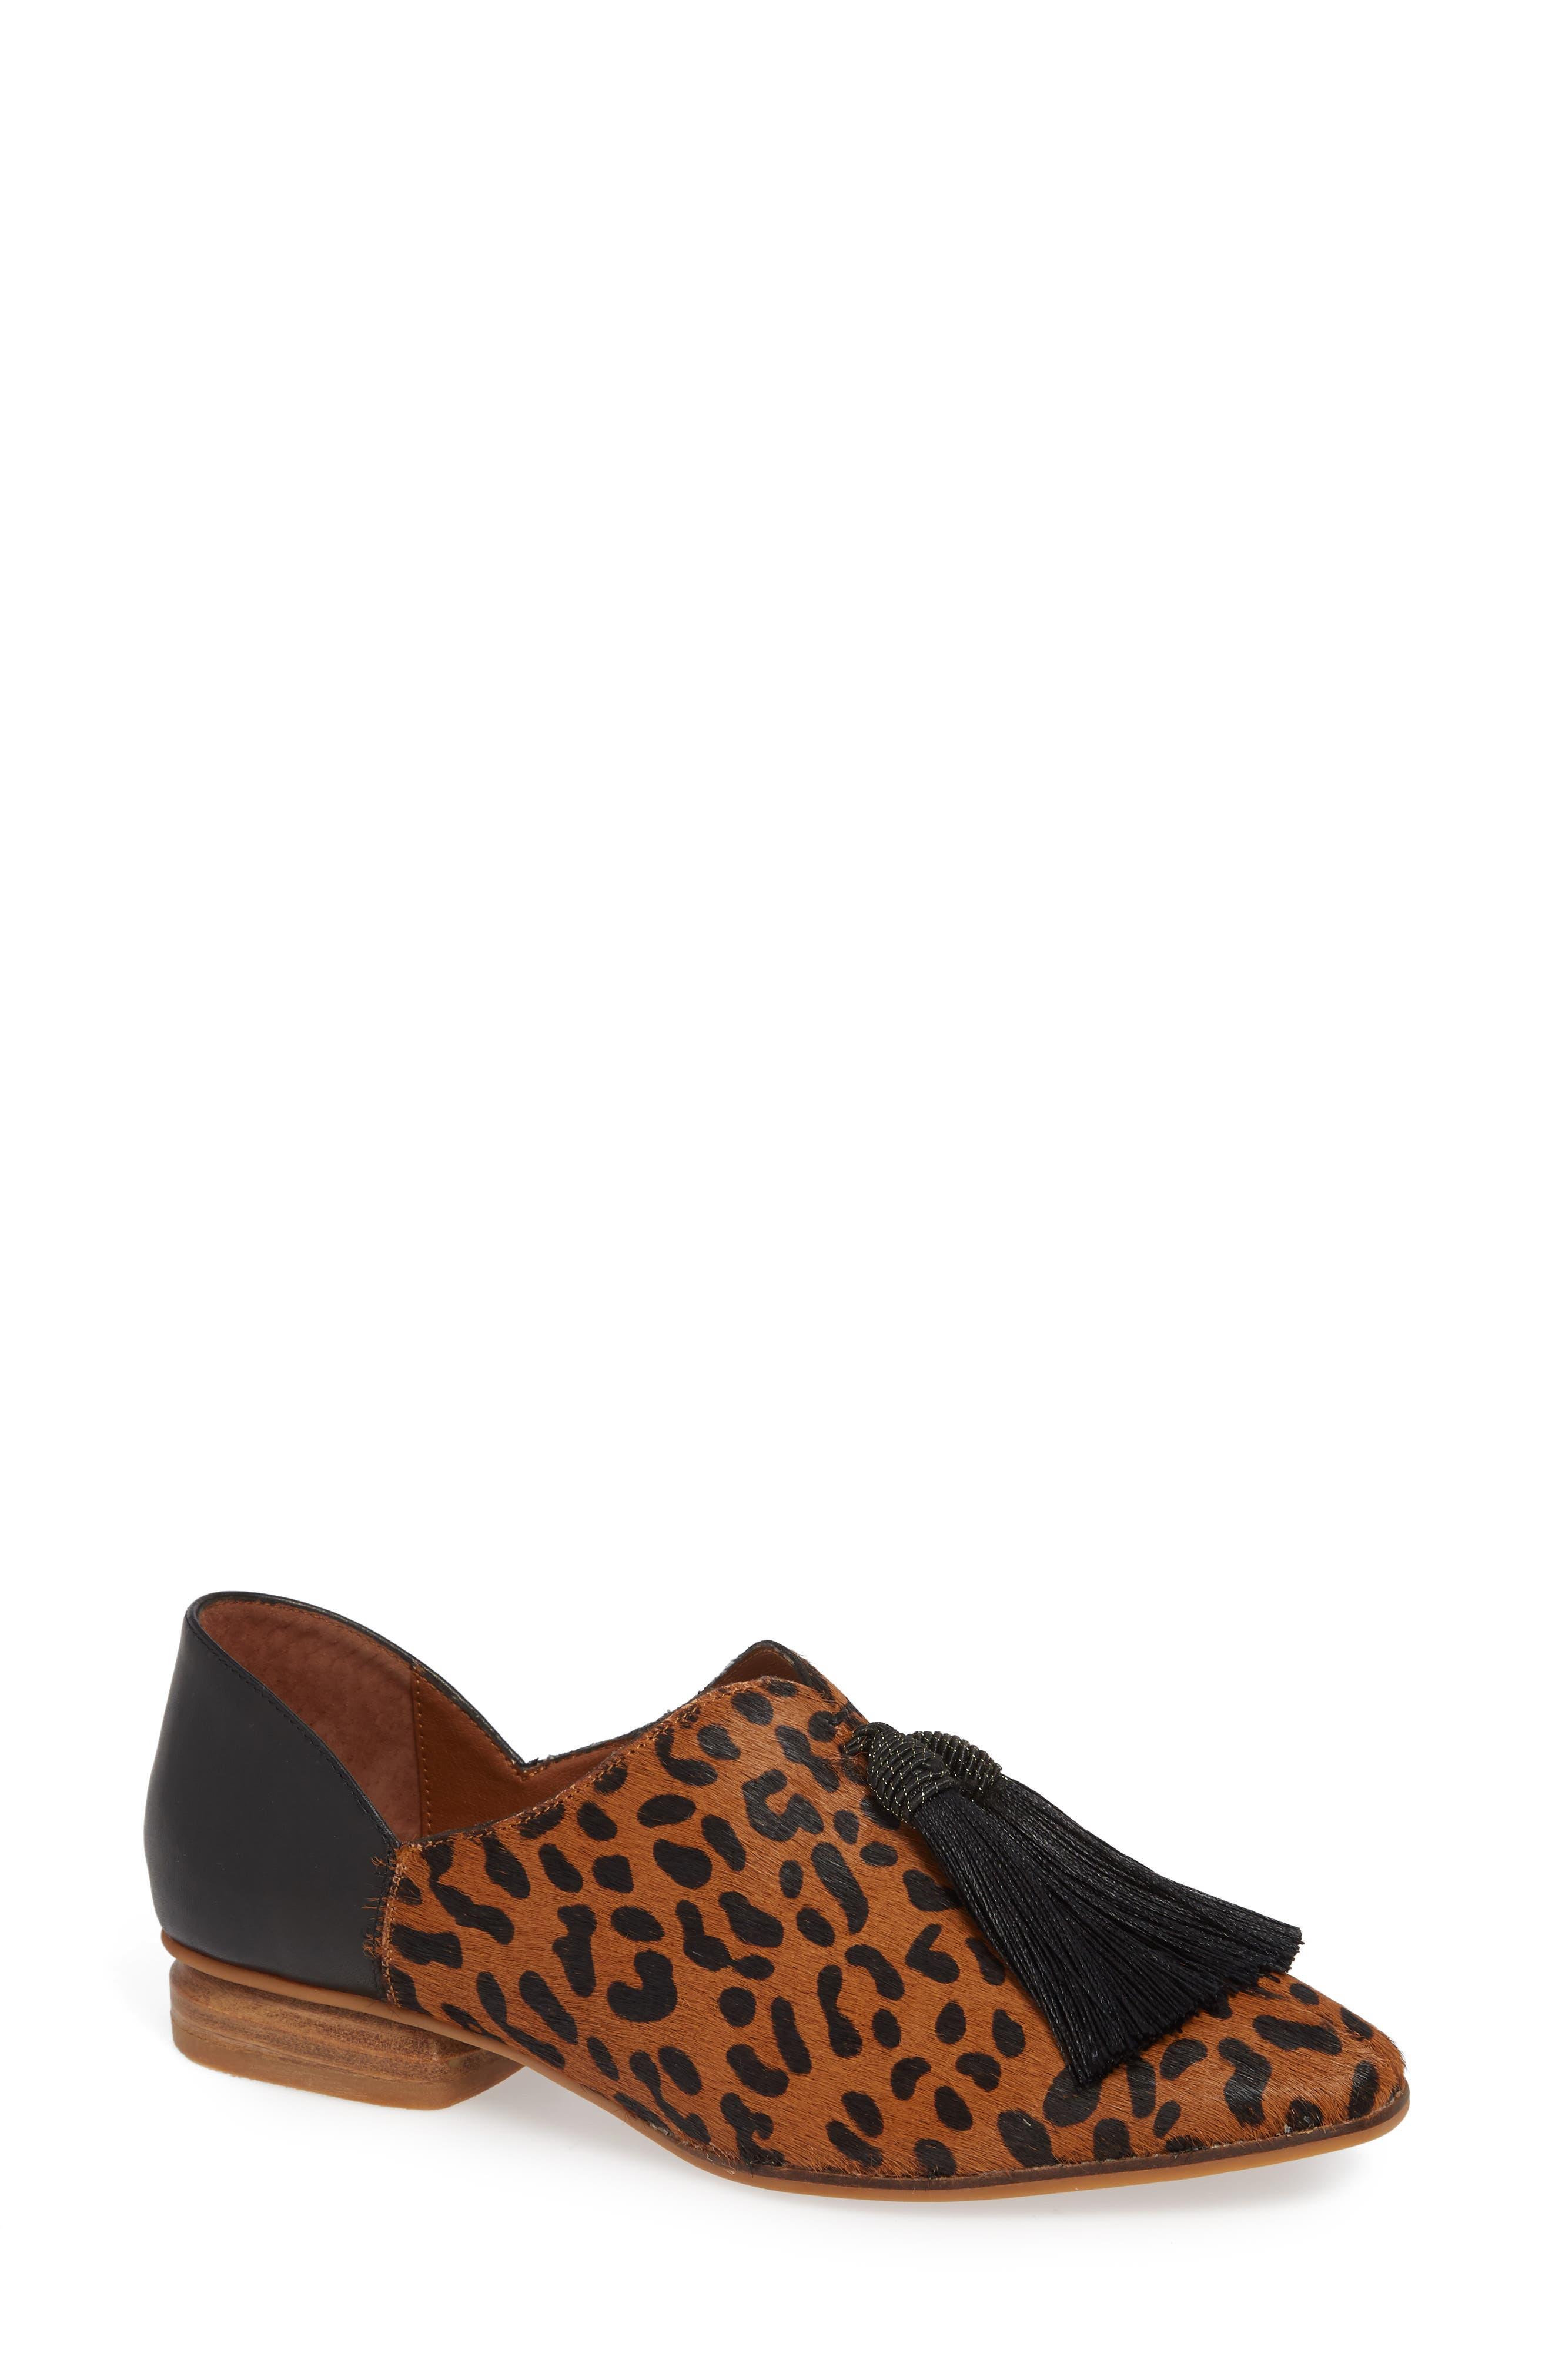 SBICCA Primwood Tassel Loafer, Main, color, BLACK LEOPARD LEATHER